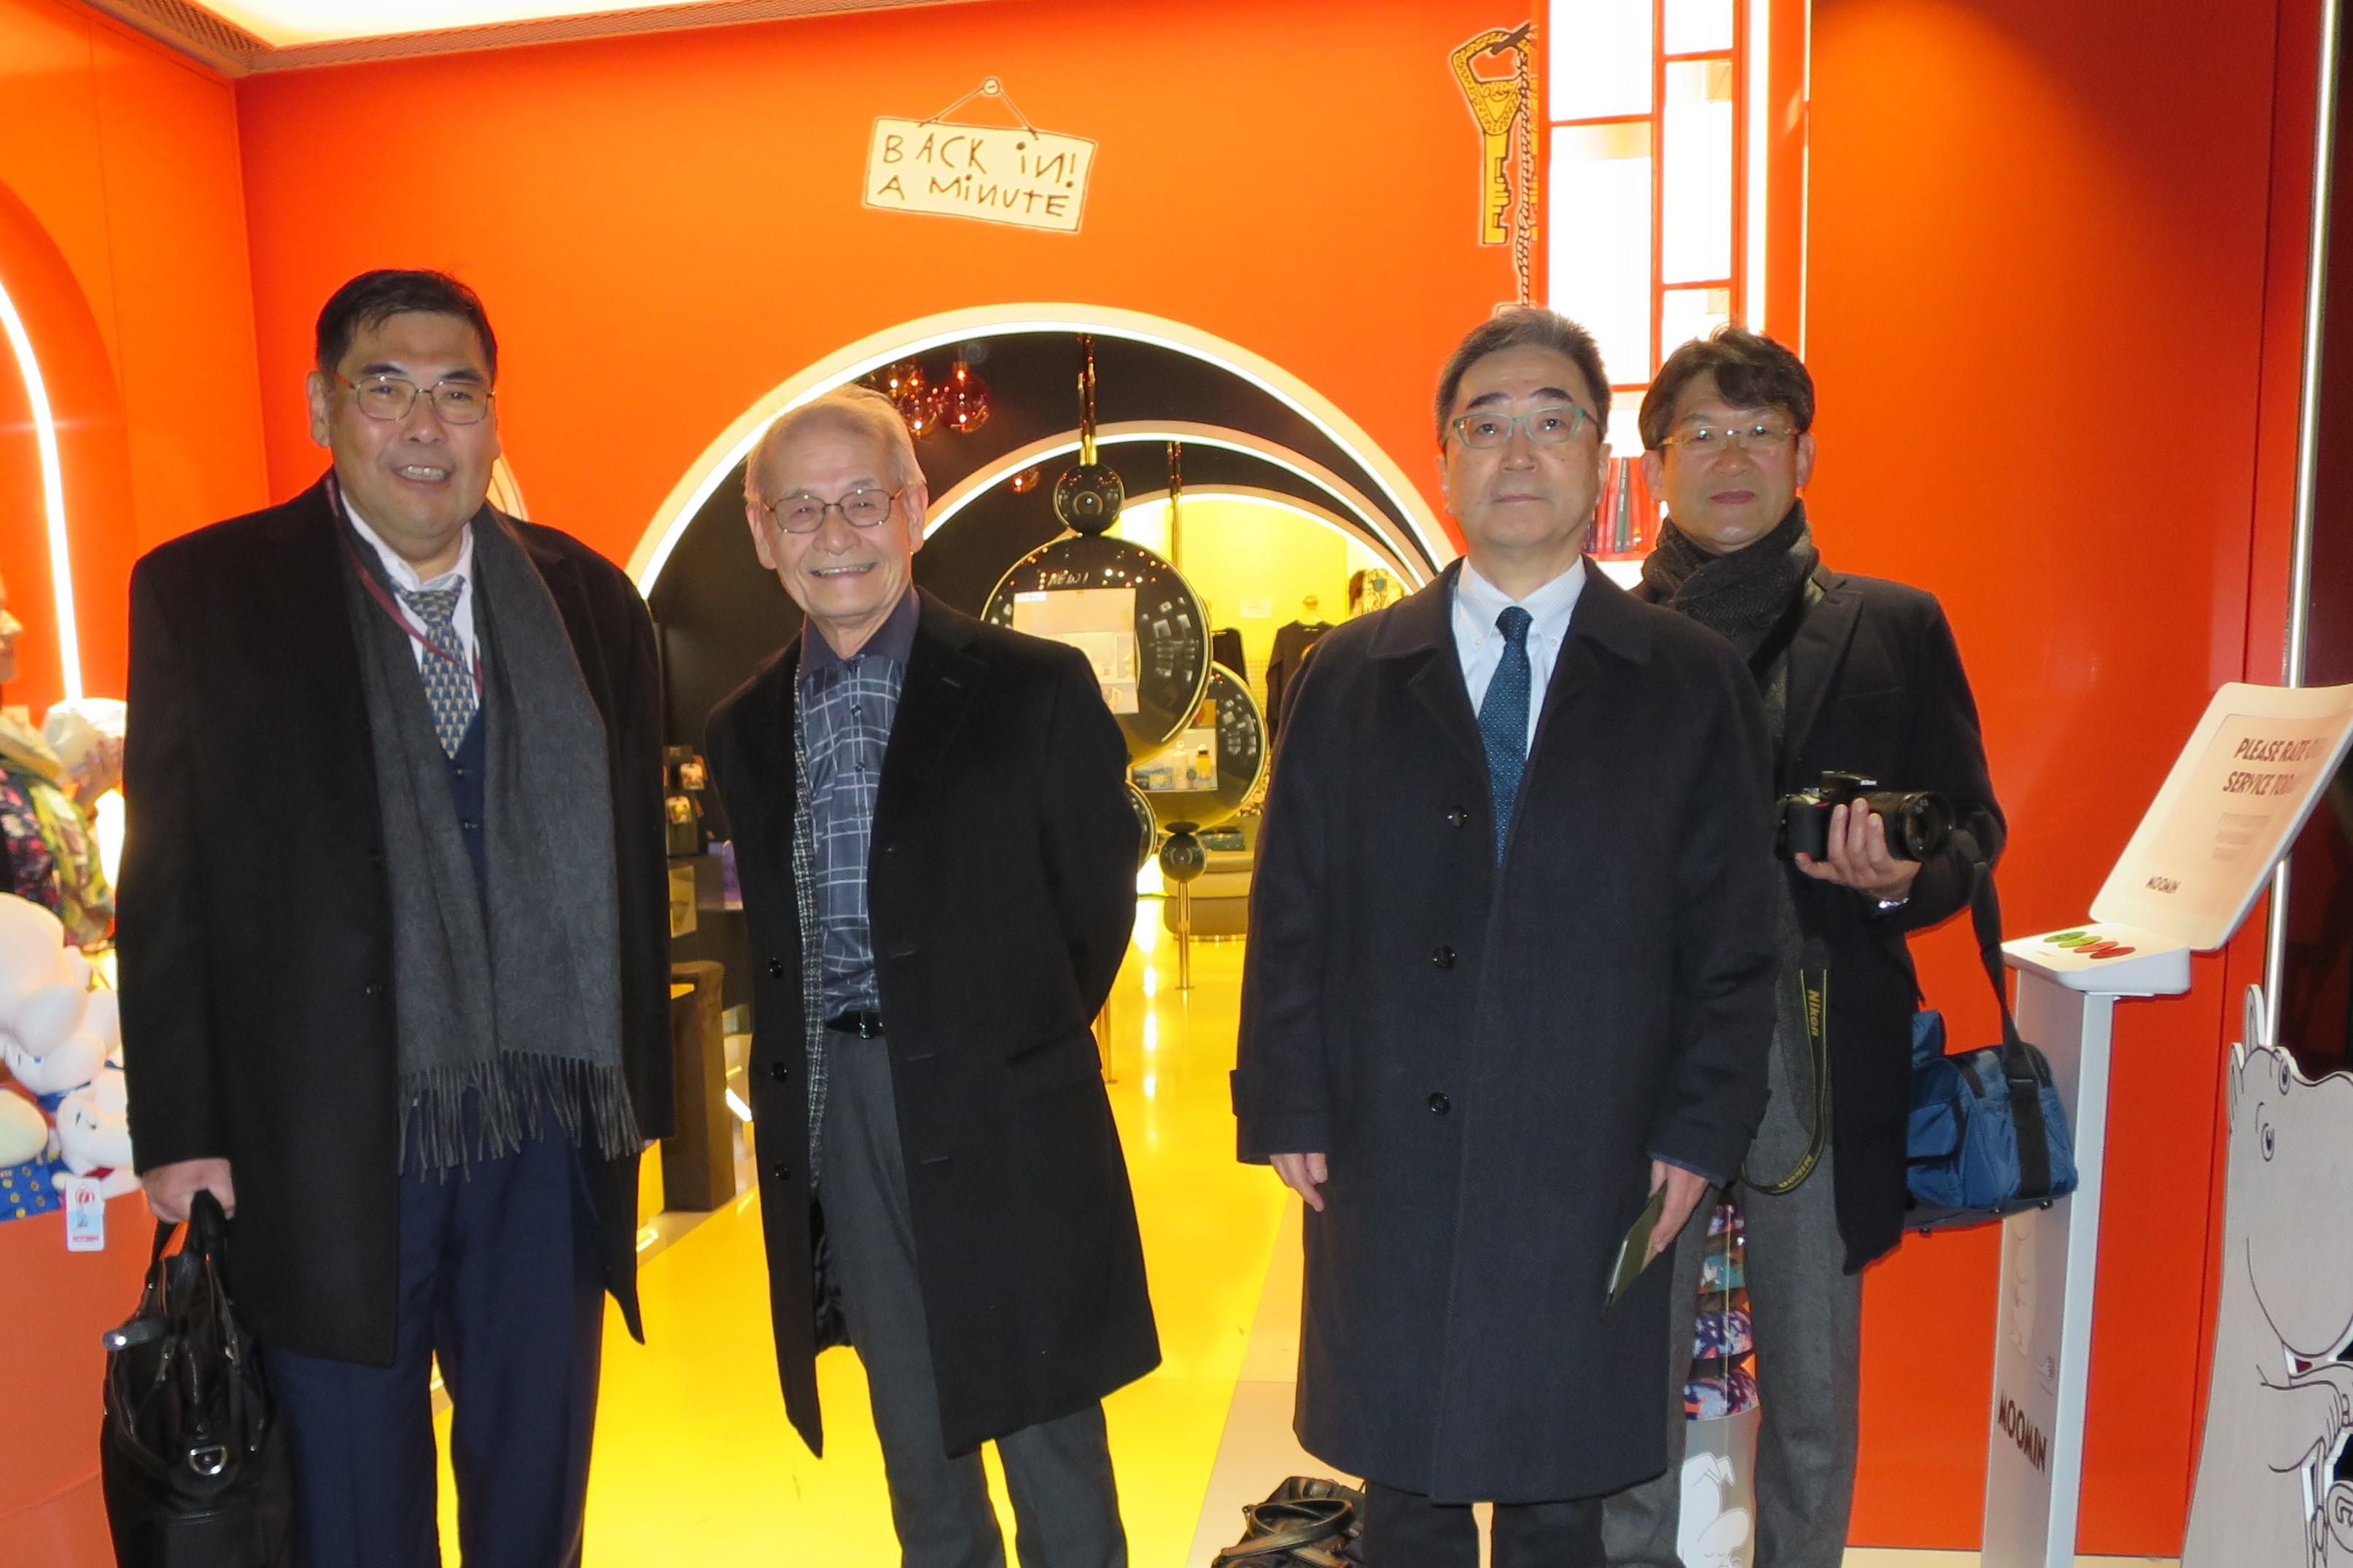 成田空港からストックホルムに向かう乗り継ぎのヘルシンキ空港で(左から)小原章裕学長、吉野彰教授、磯前秀二教授、矢野幾也副経営本部長